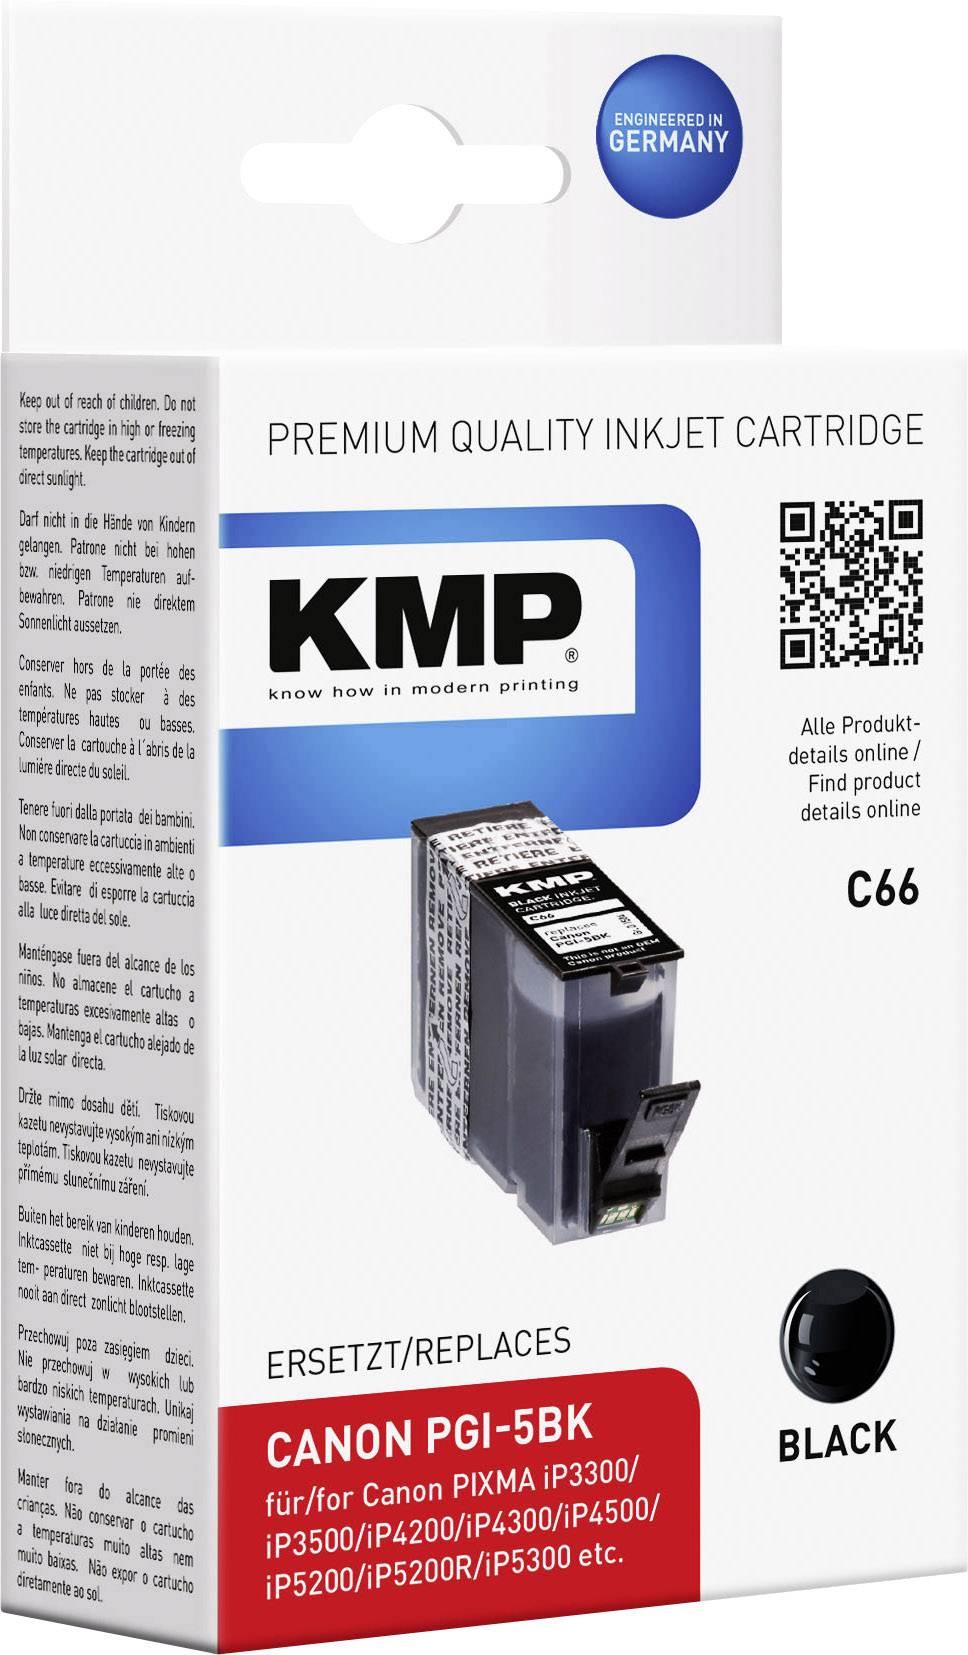 Kompatibilná náplň do tlačiarne KMP C66 1504,0001, čierna